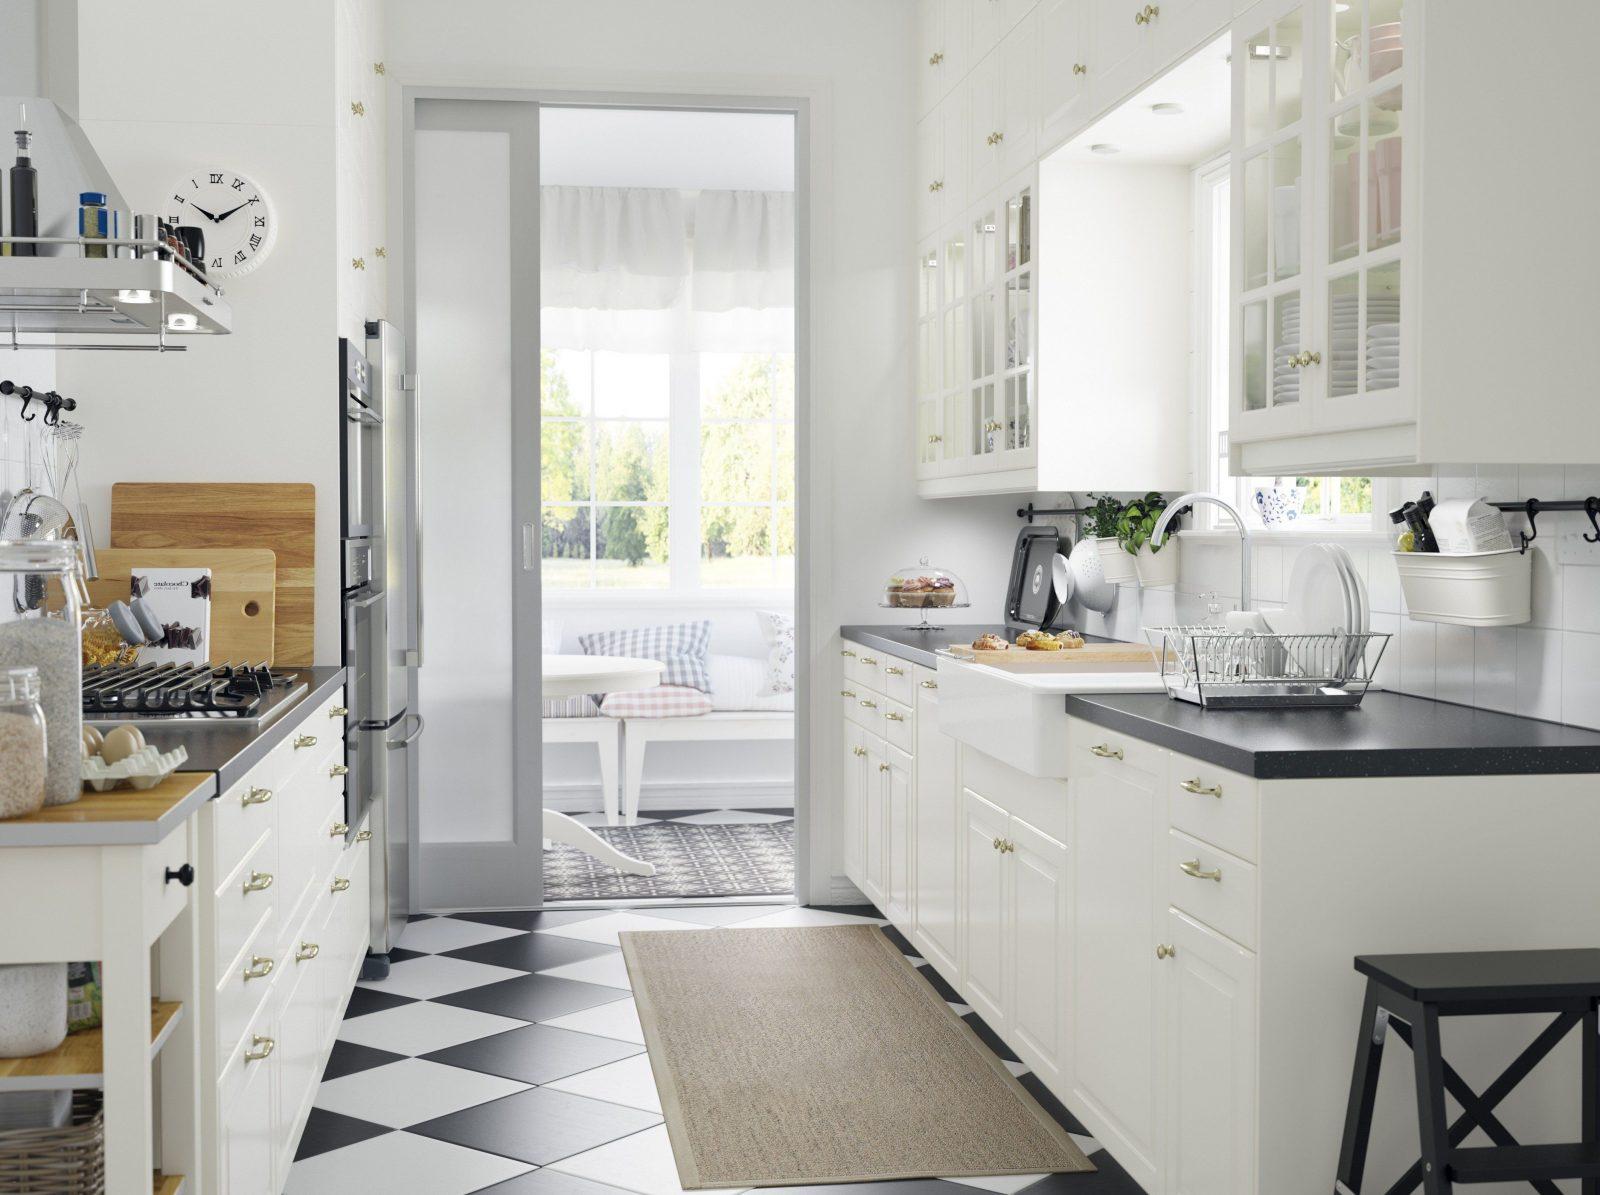 k che1 1194 1600 pixel ideen wunneng pinterest von k che neu gestalten renovieren photo. Black Bedroom Furniture Sets. Home Design Ideas